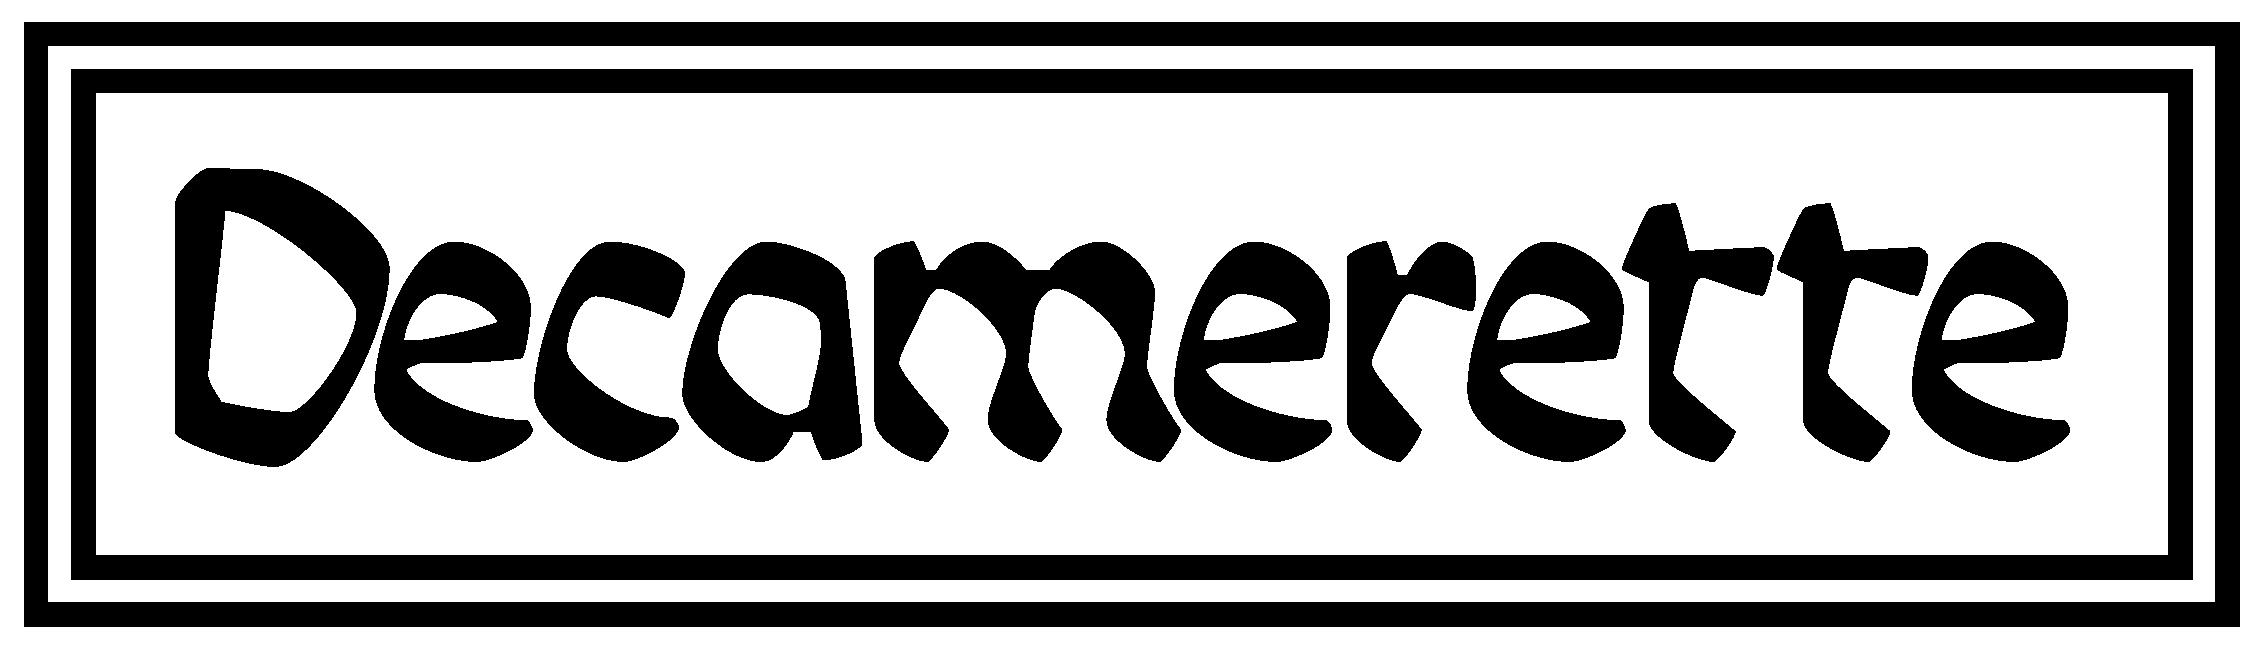 DECAMERETTE